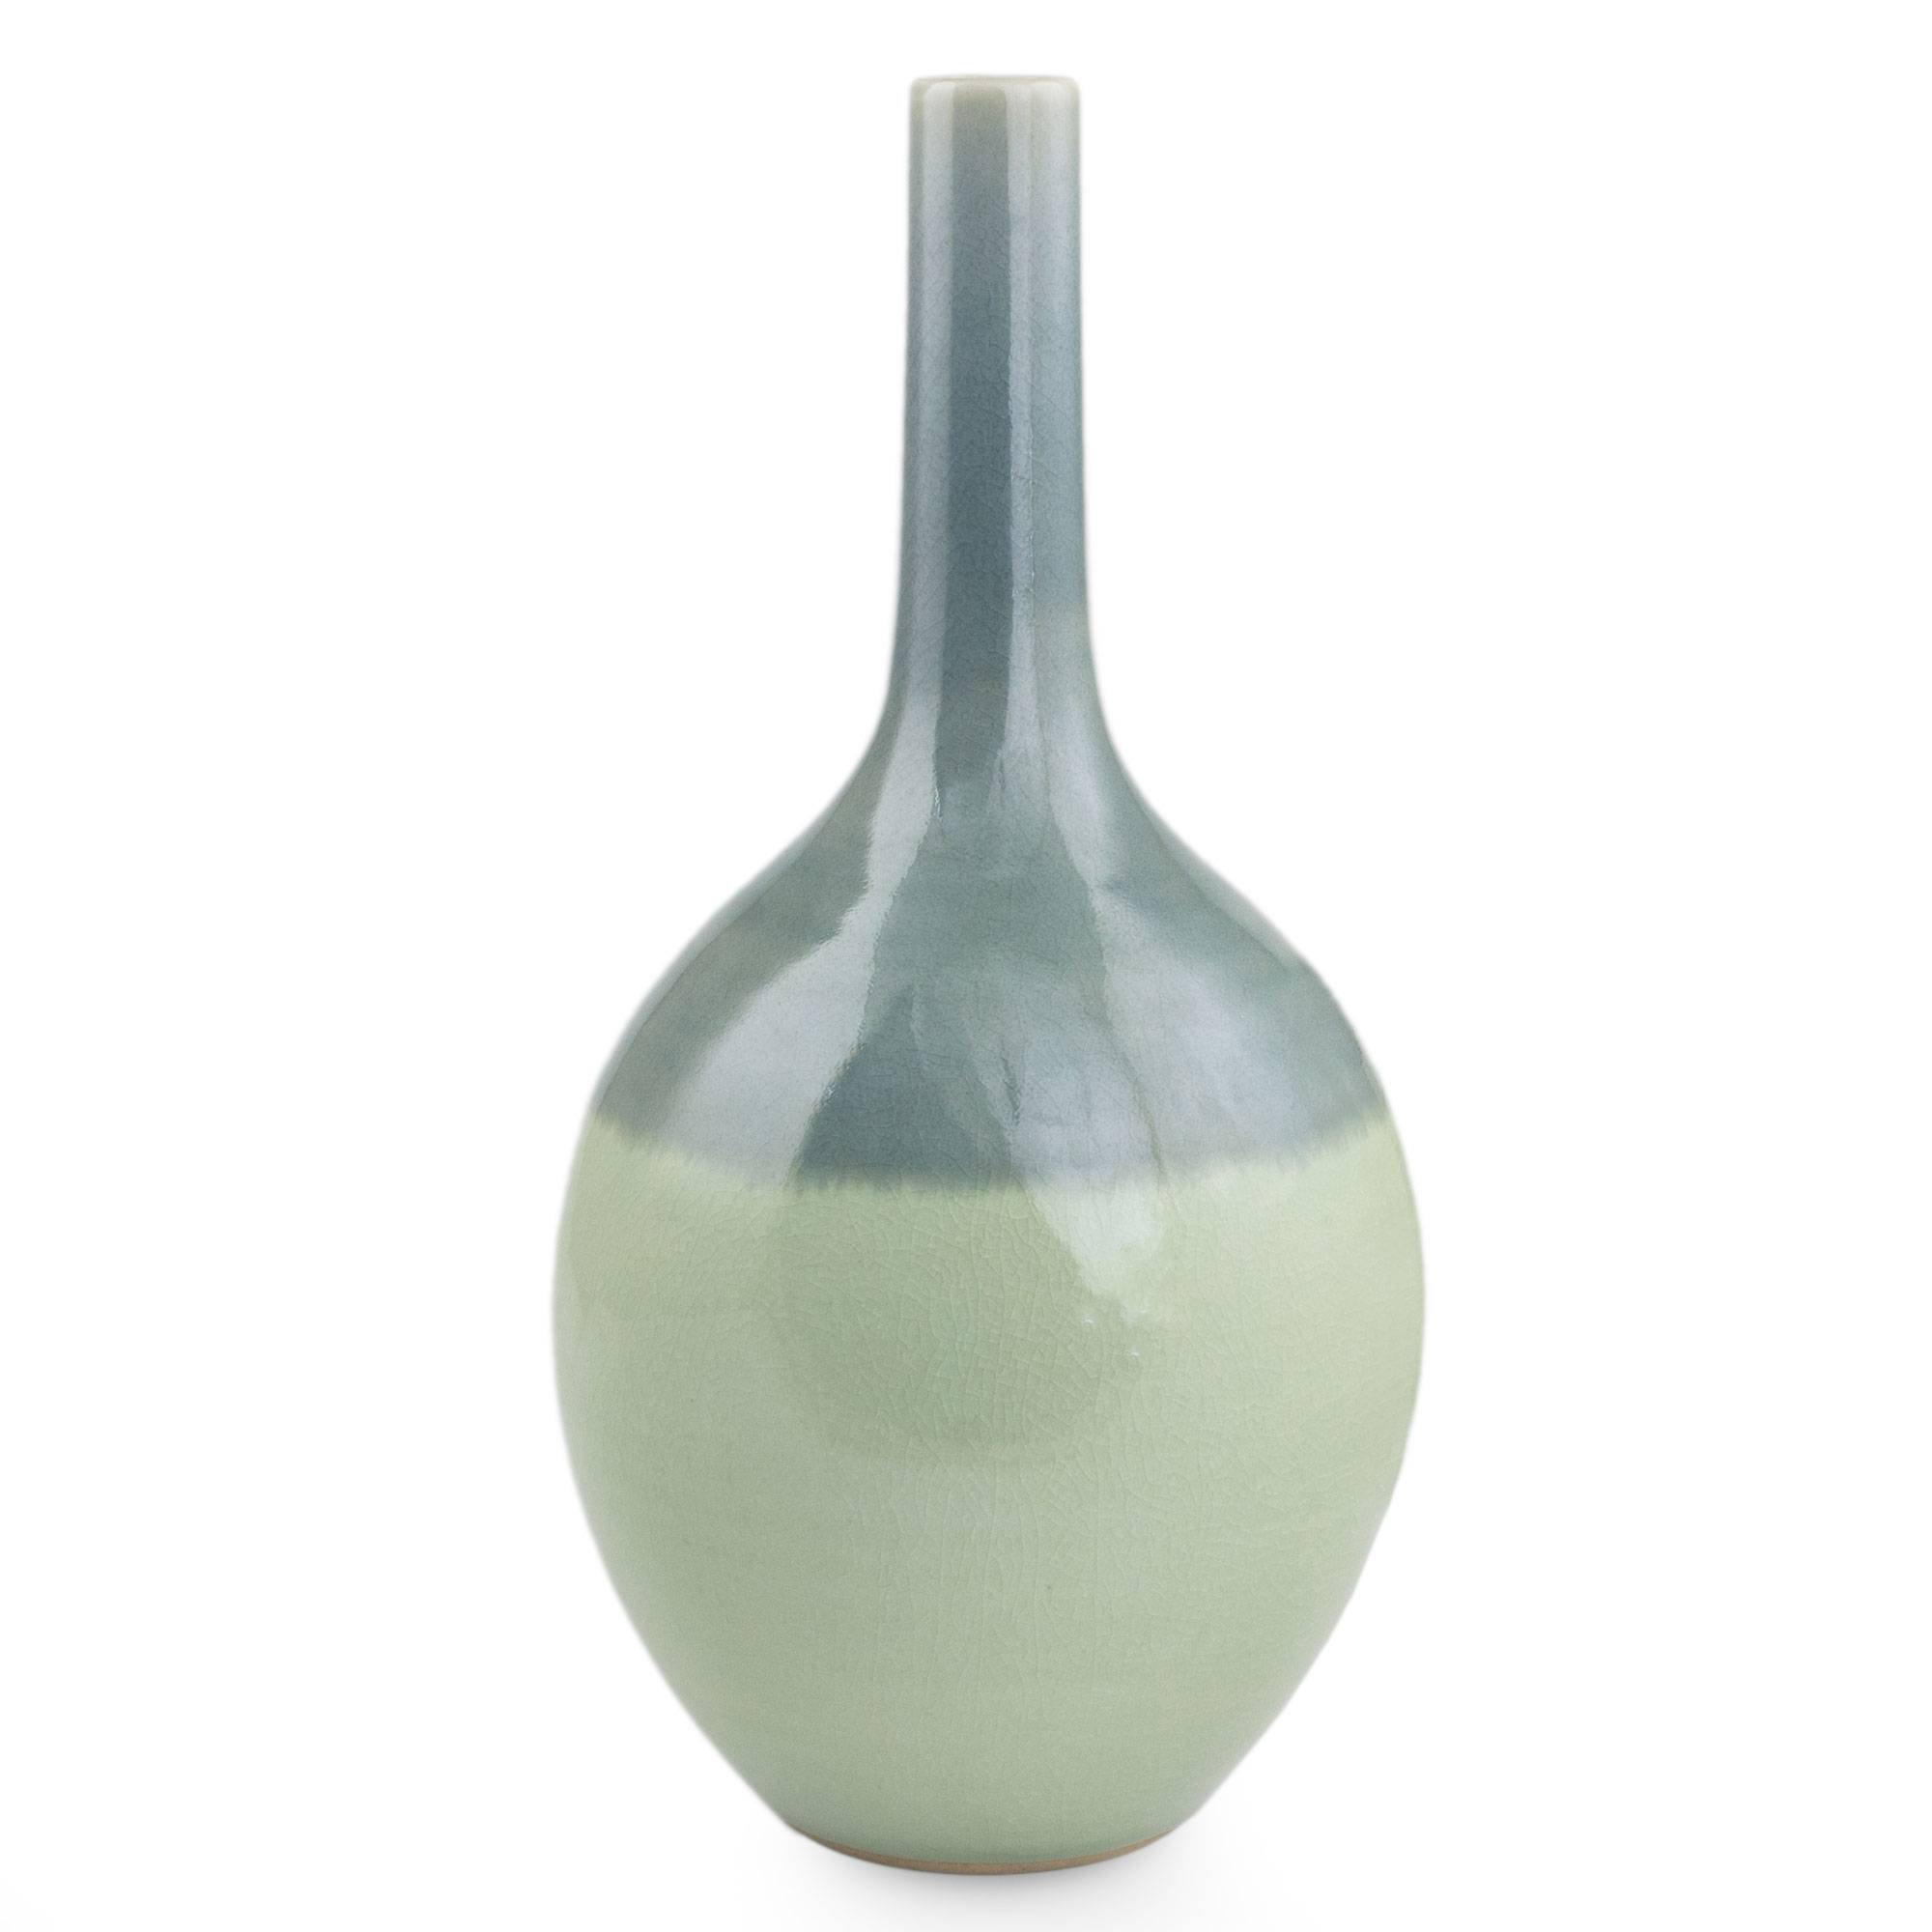 NOVICA Decorative Large Celadon Ceramic Vase, Blue, 'Dream'